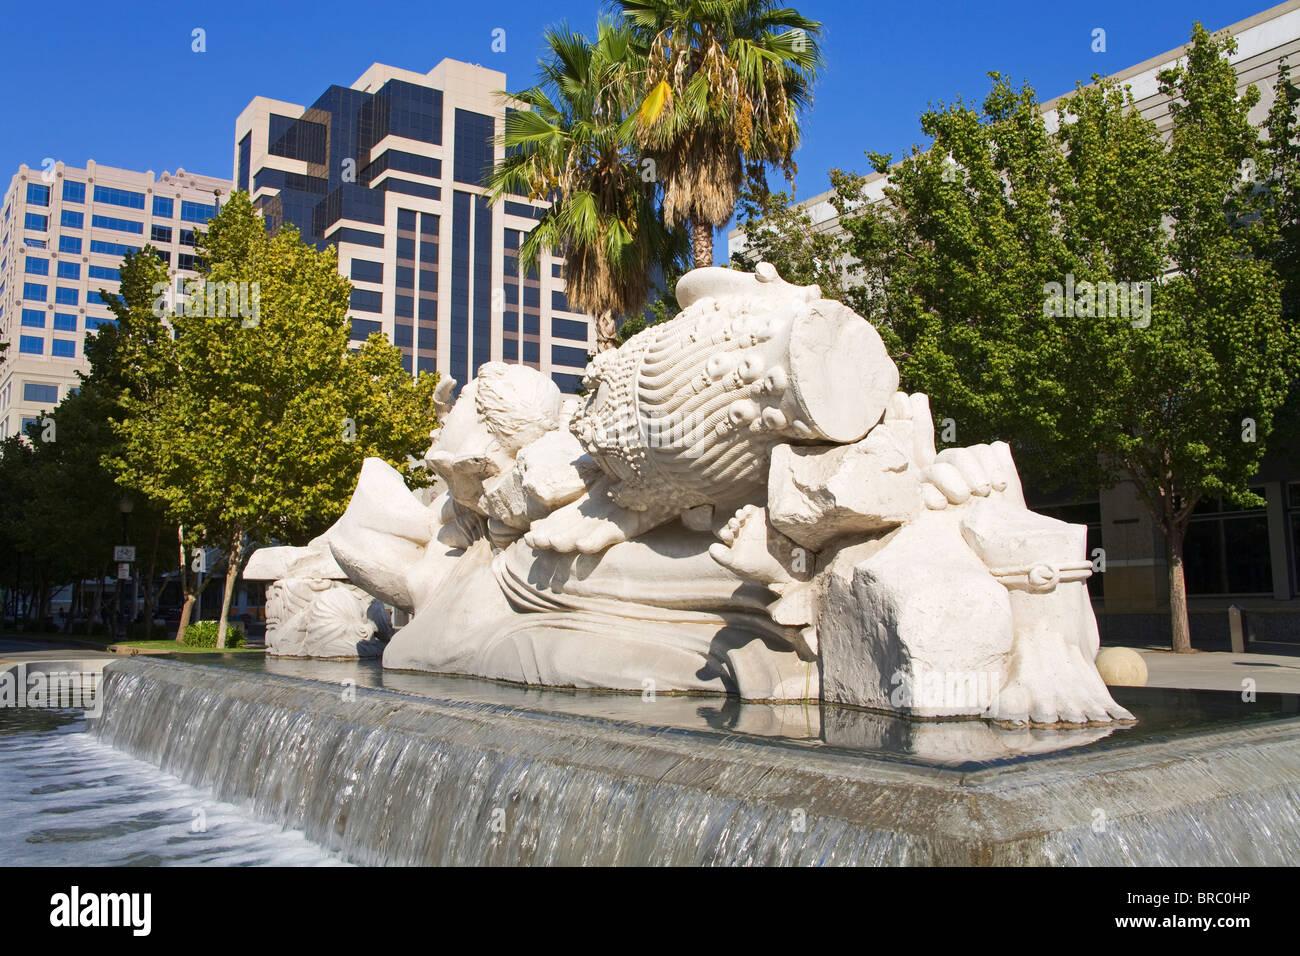 Zeit zu Cast Away Steinen, Brunnenskulptur von Stephen Kaltenbach, Sacramento Convention Center, California, USA Stockbild